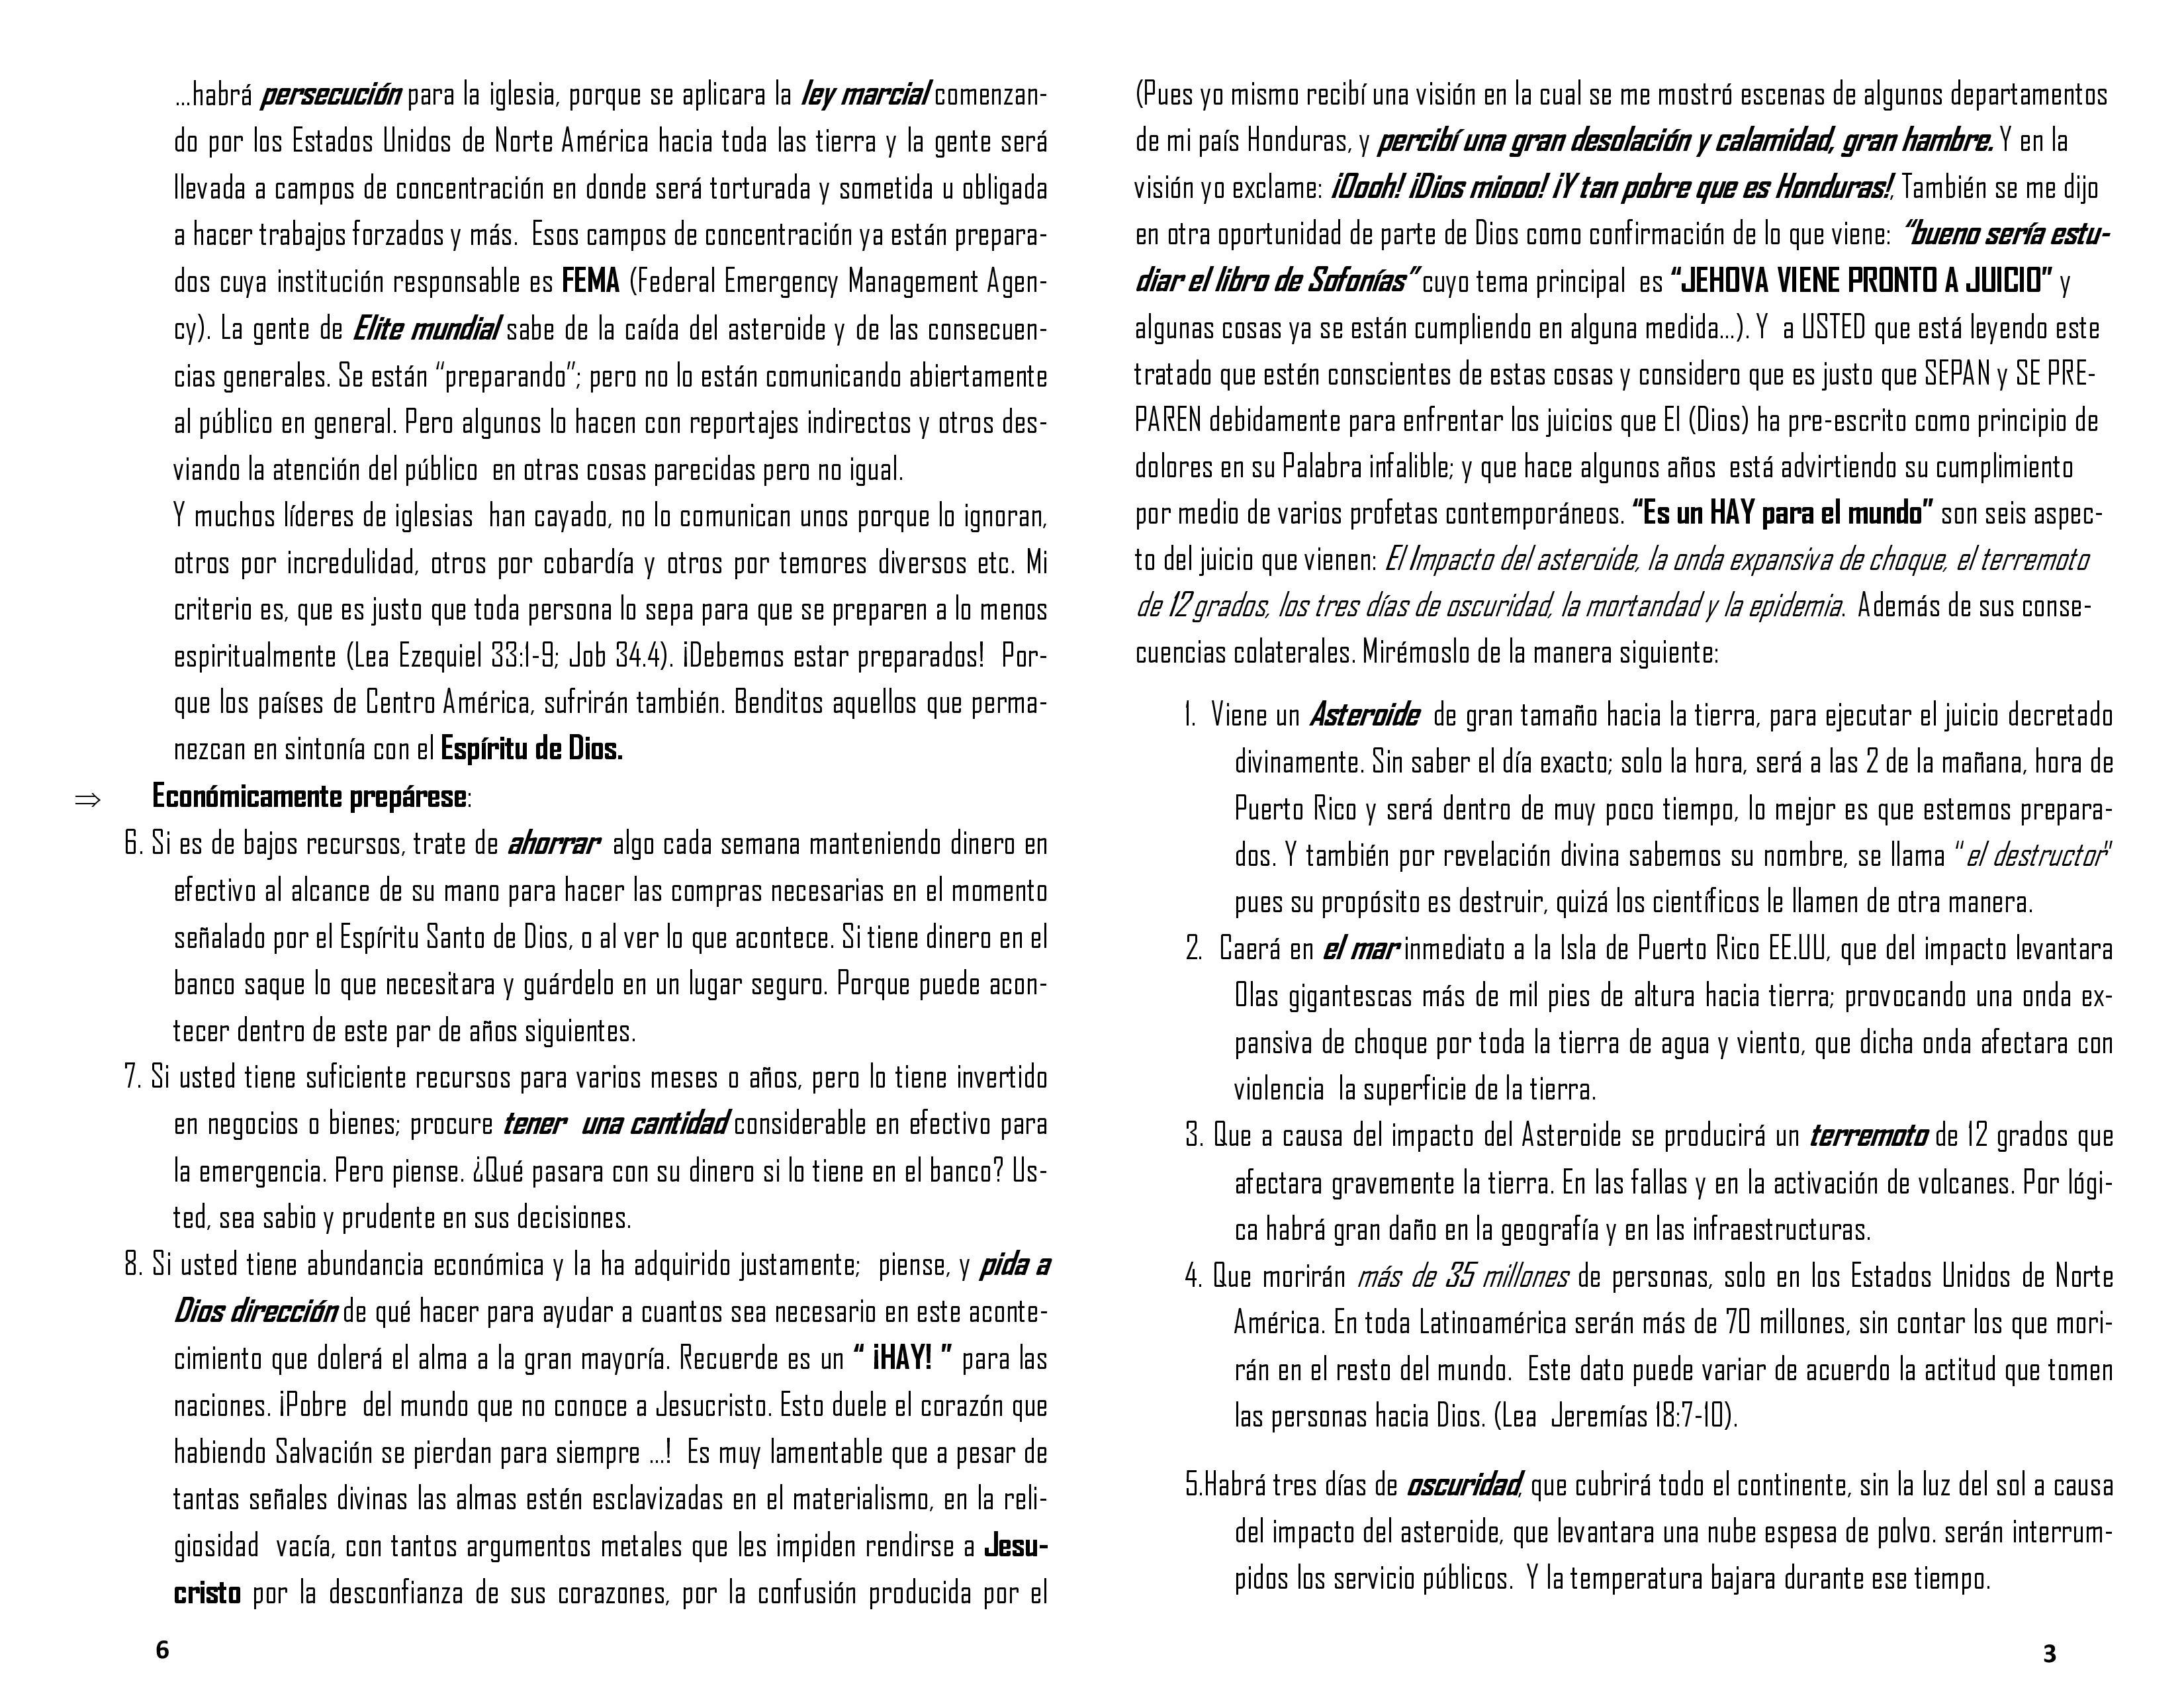 PRINCIPIO DE DOLORES 3